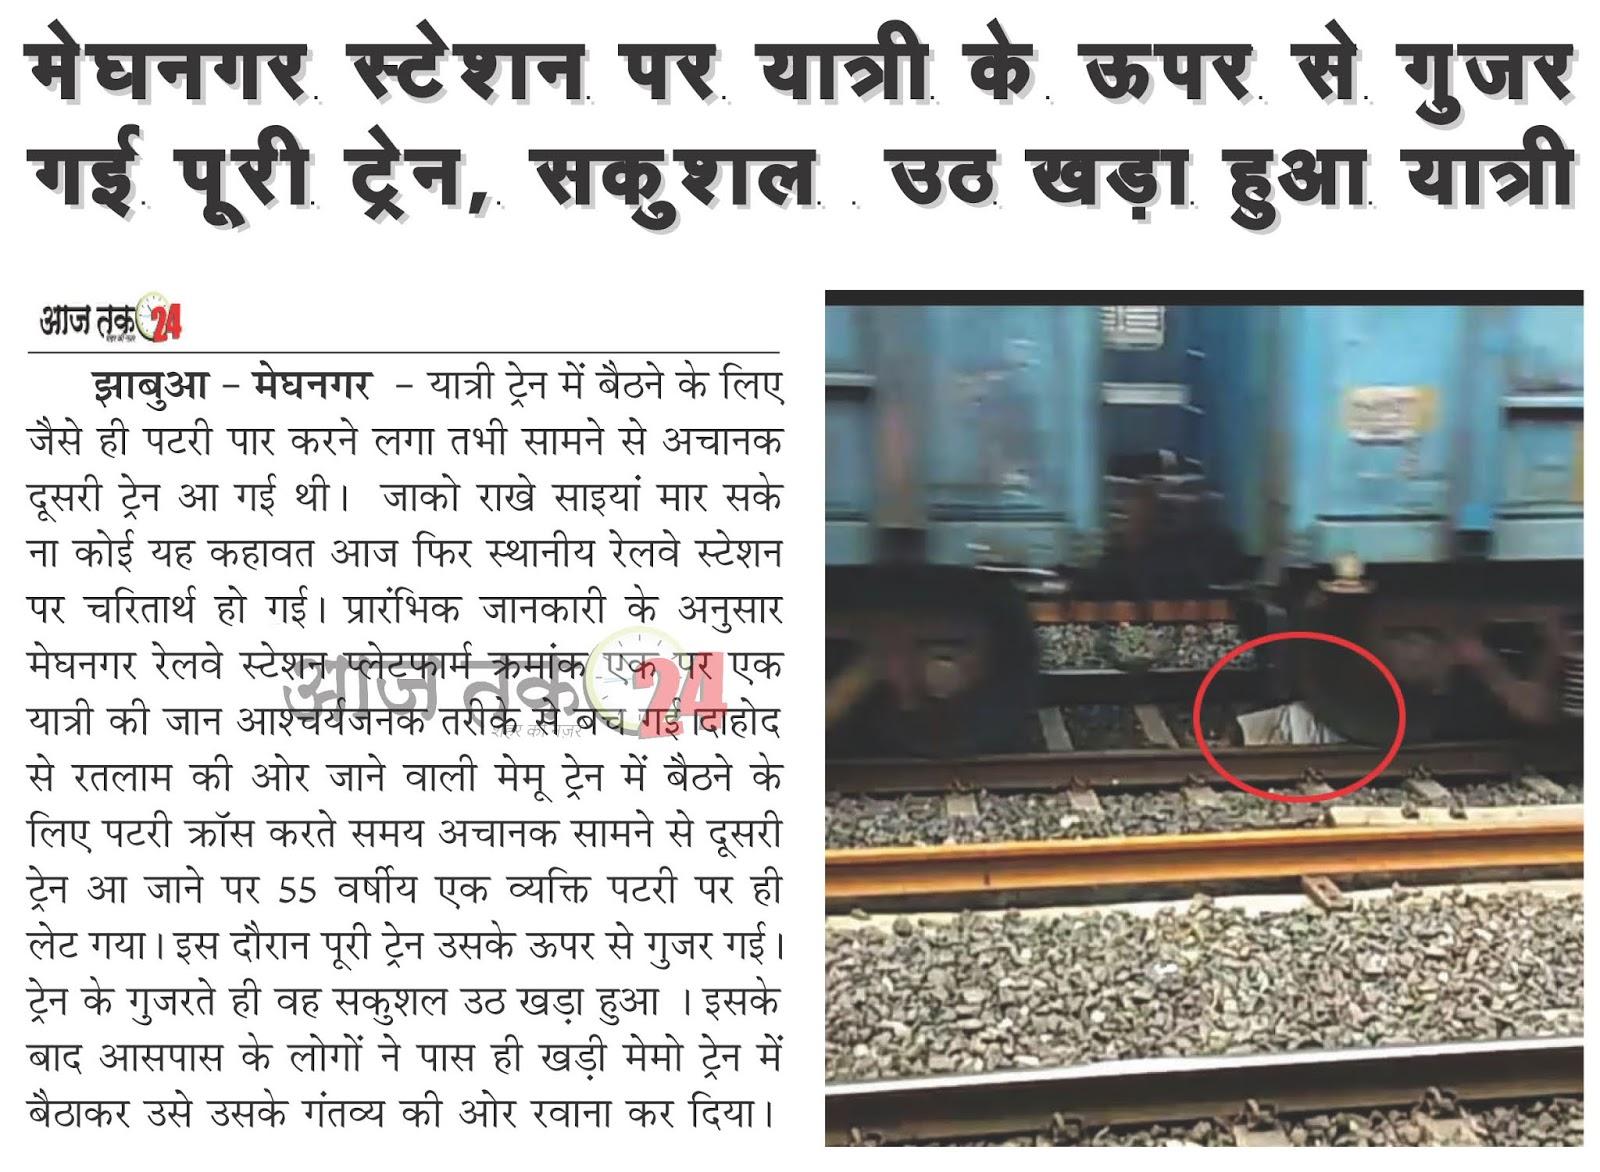 मेघनगर स्टेशन पर यात्री के ऊपर से गुजर गई पूरी ट्रेन,  सकुशल उठ खड़ा हुआ यात्री | medhanagar steshan per yatri ke uper se gujri traen